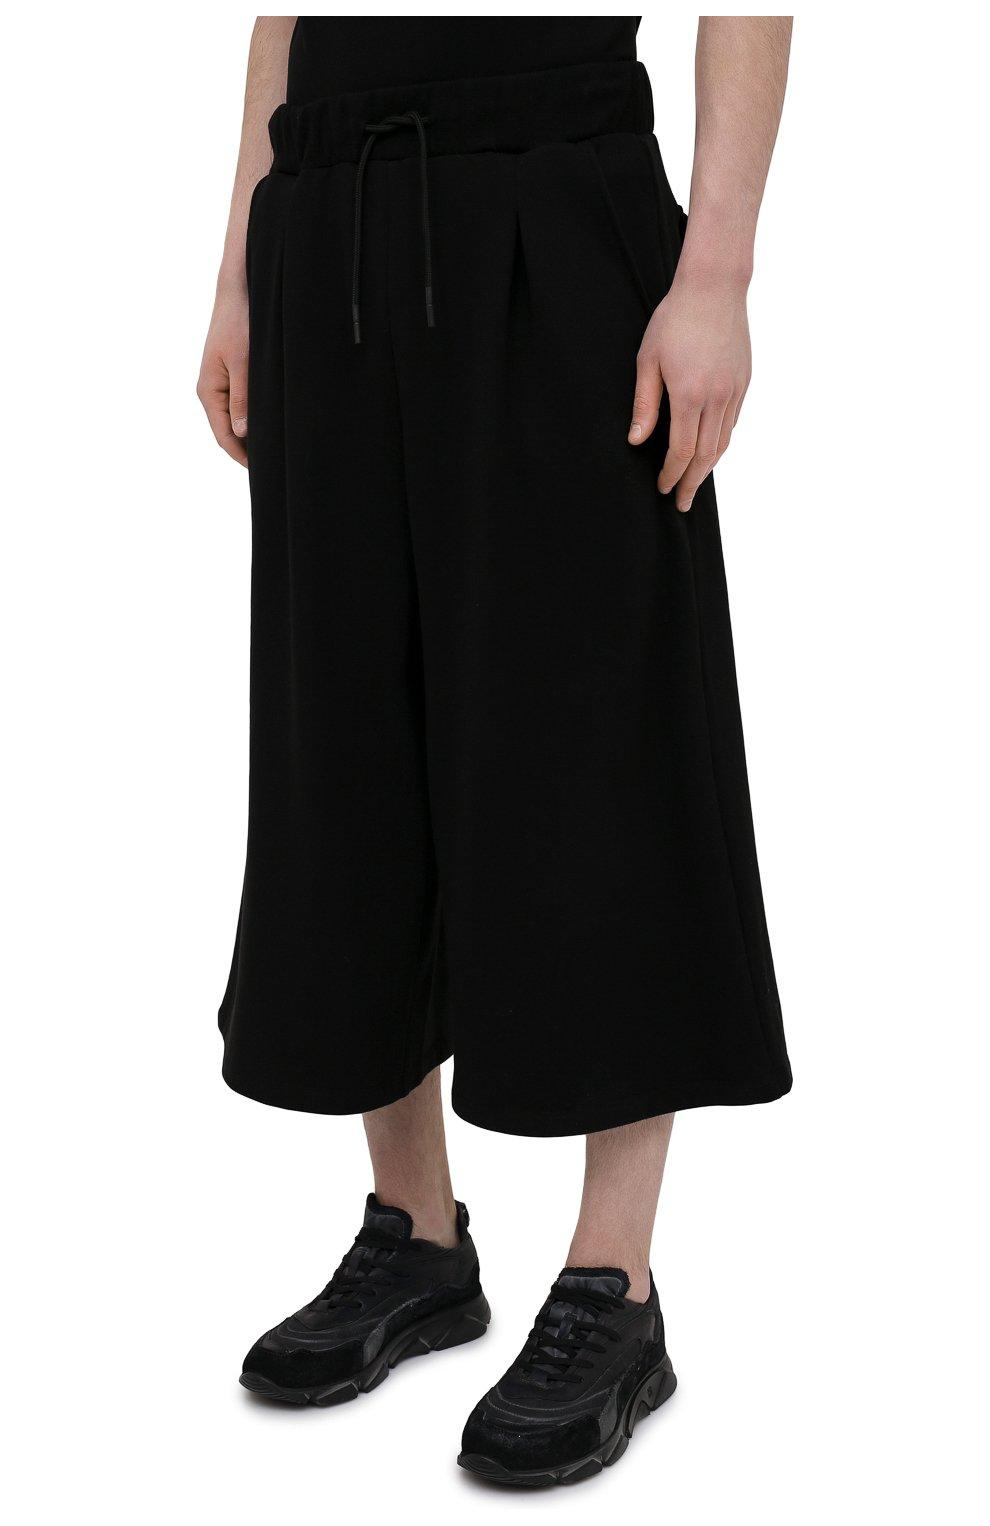 Мужские хлопковые брюки TEE LIBRARY черного цвета, арт. TSK-PT-49   Фото 3 (Случай: Повседневный; Материал внешний: Хлопок; Стили: Минимализм; Длина (брюки, джинсы): Укороченные)